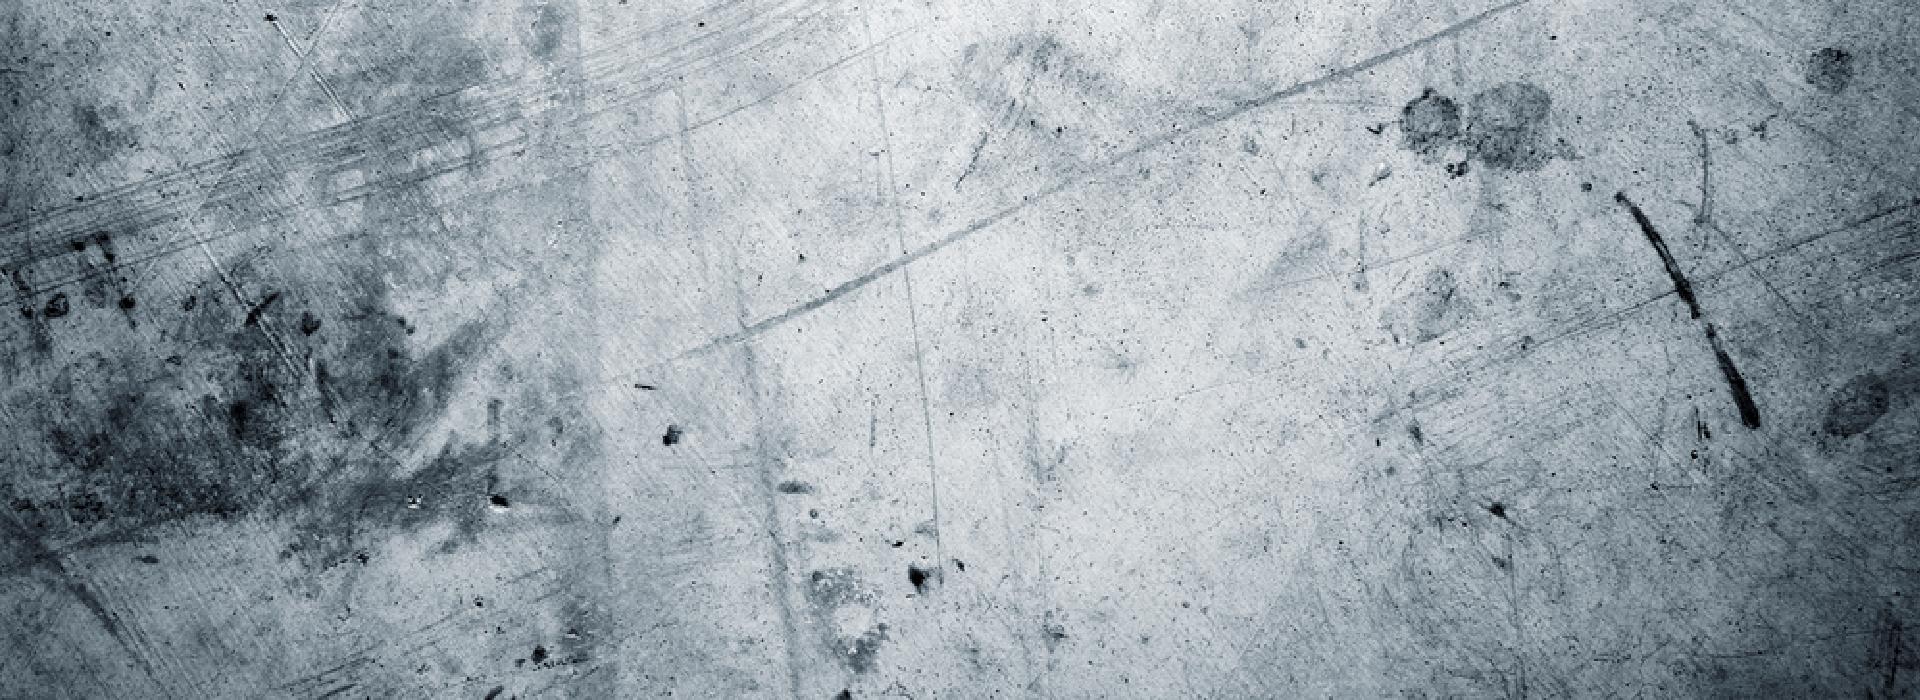 神鬼獵人 ― 一次完成自我挑戰的藝術創作實驗